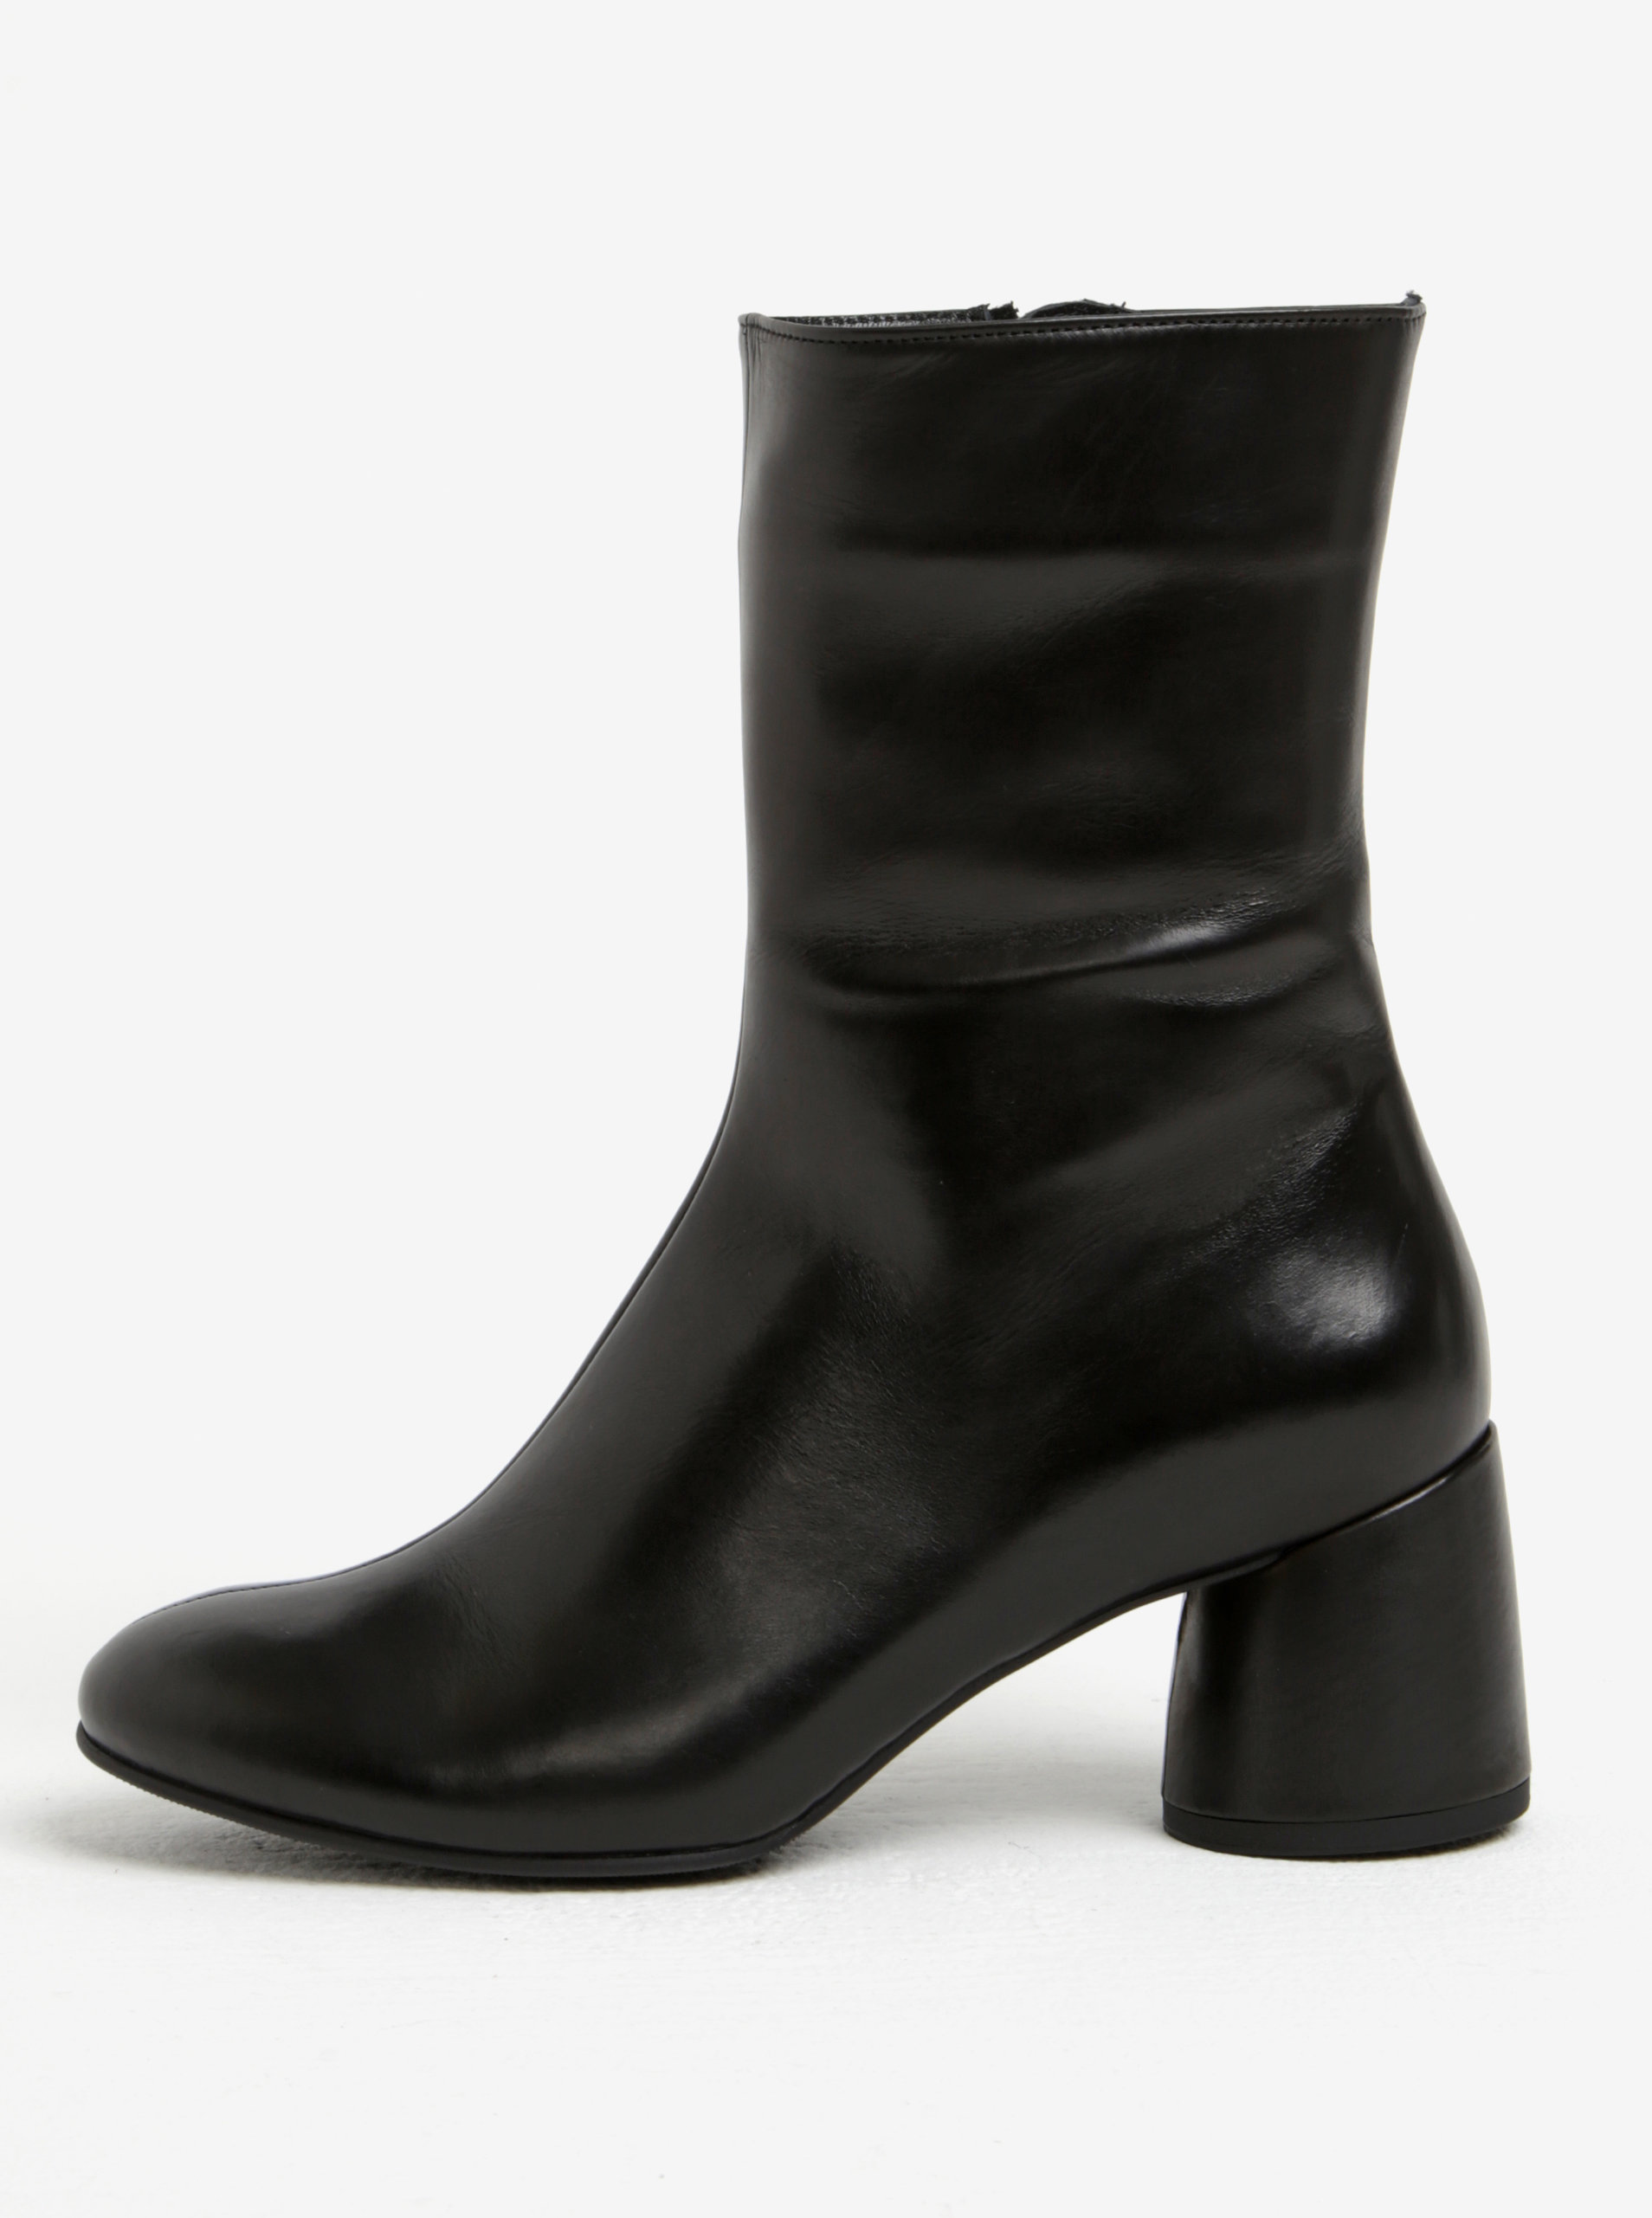 Čierne dámske kožené čižmy Högl ... a167a9b058f